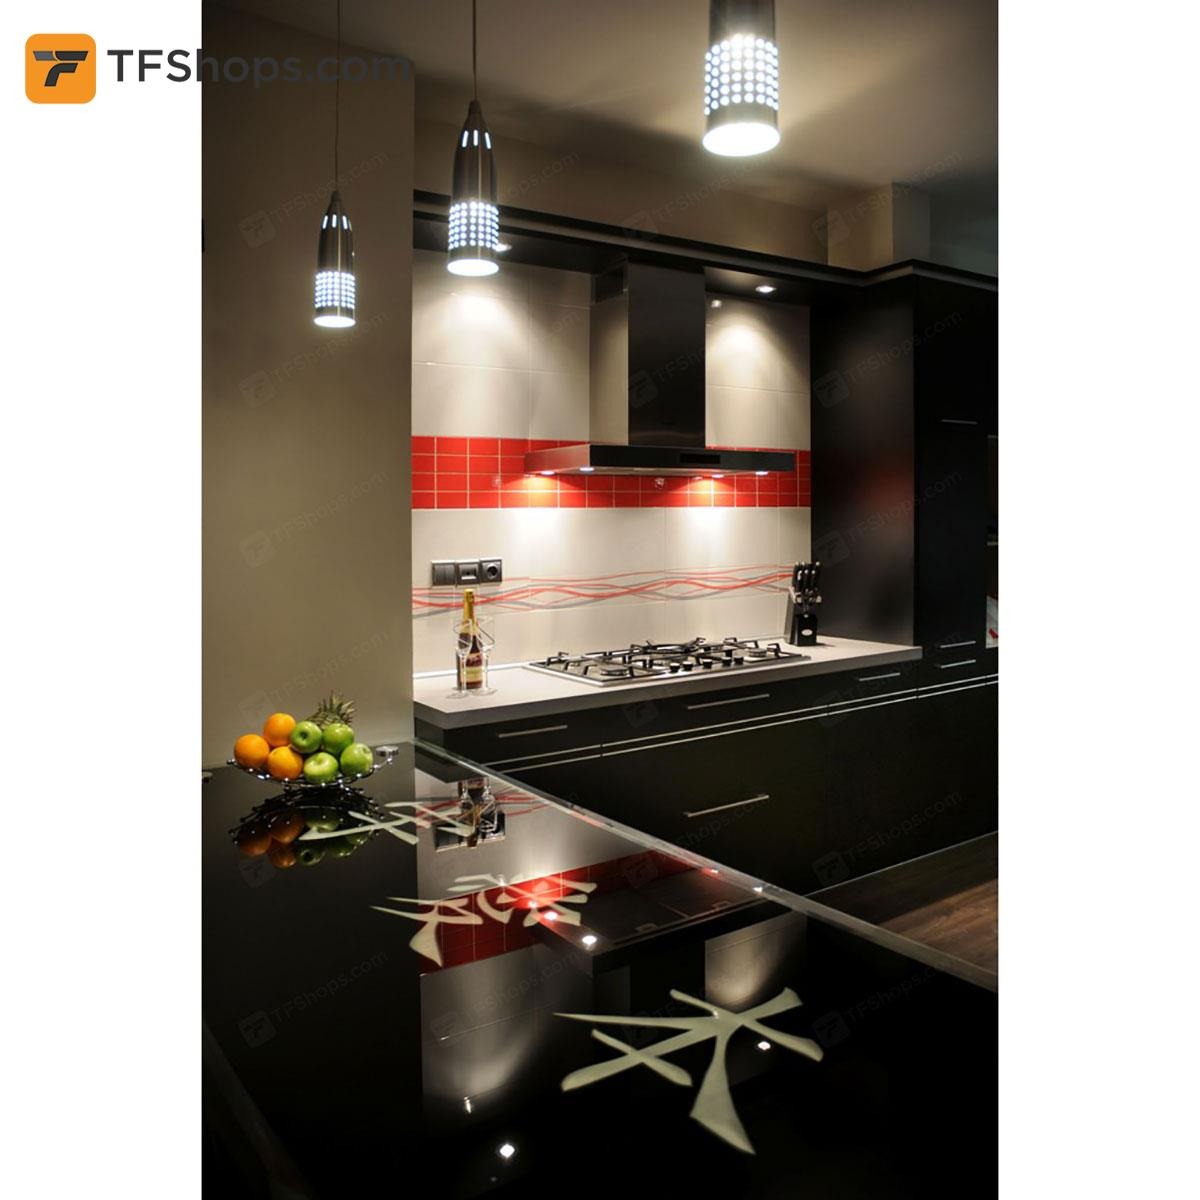 تصویر کابینت آشپزخانه تهران فرم مدل M01 Kitchen Cabinet